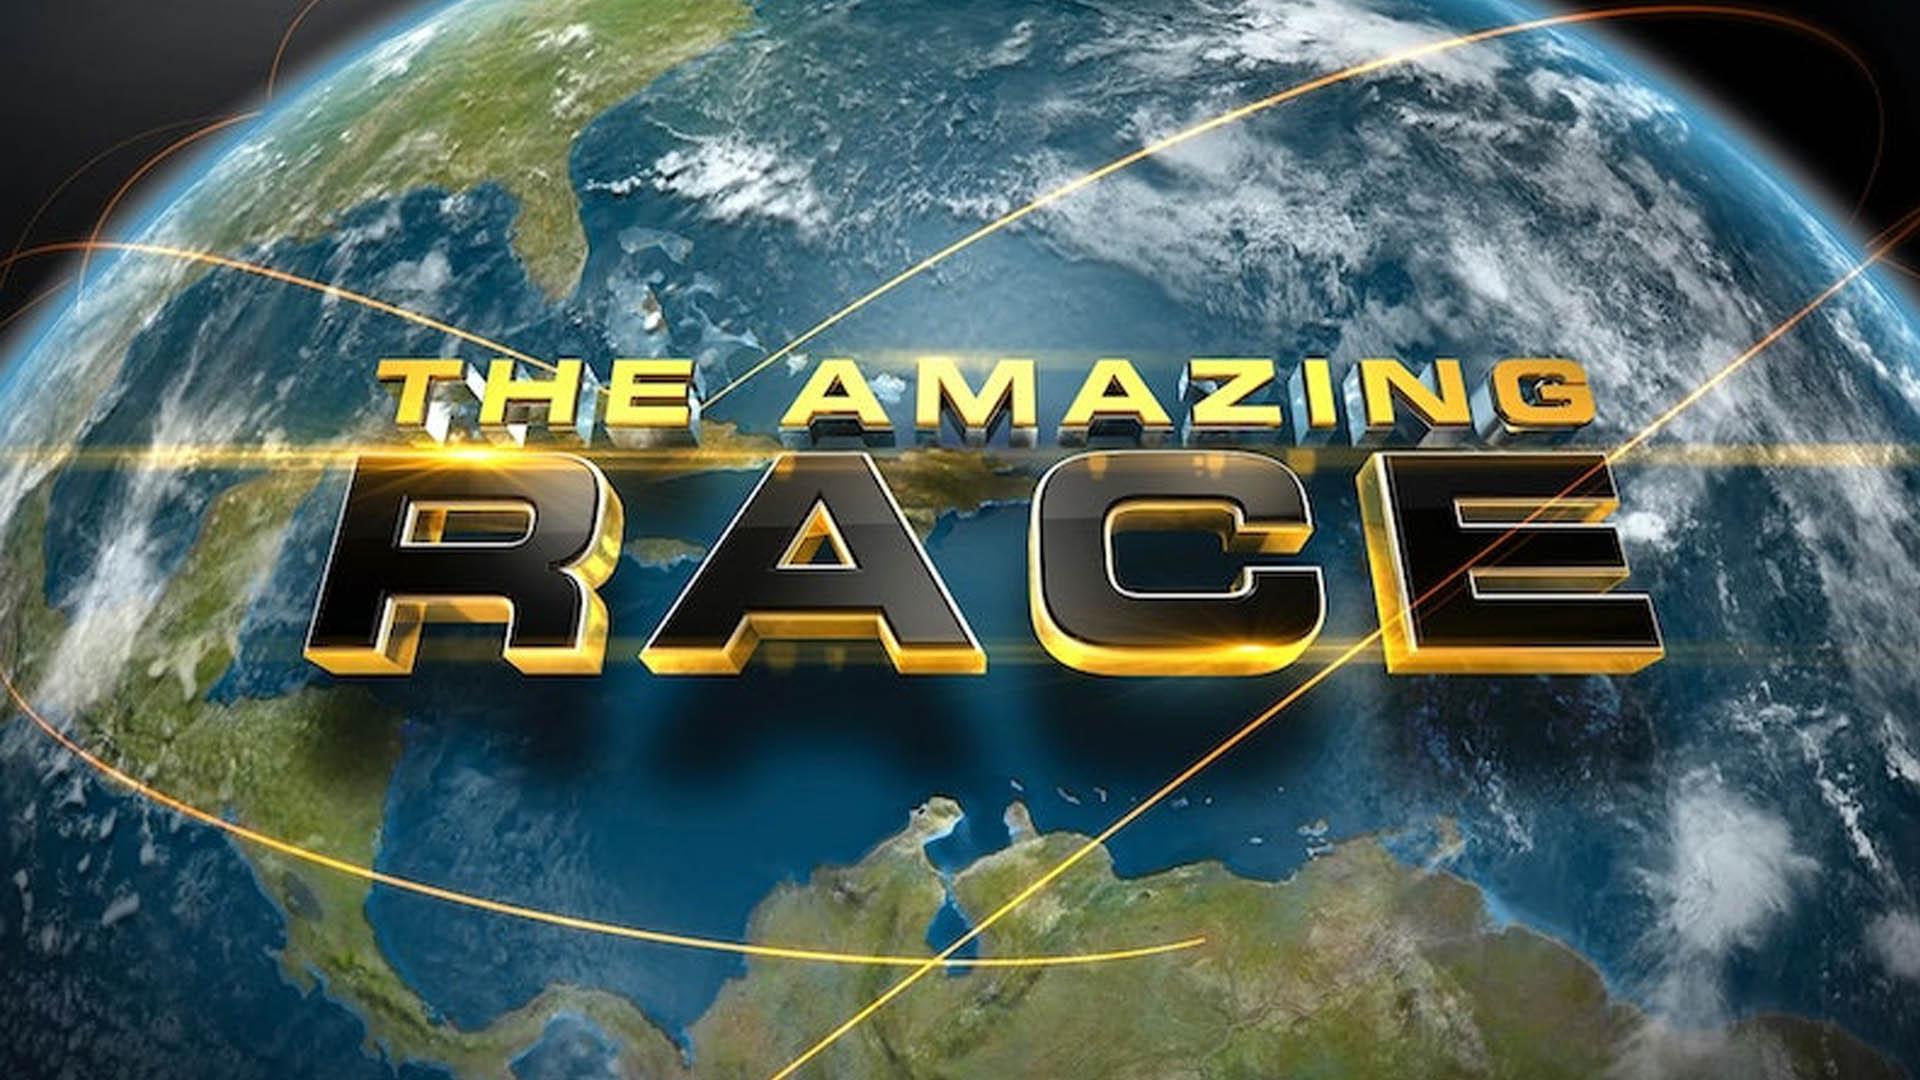 The Amazing Race Recaps